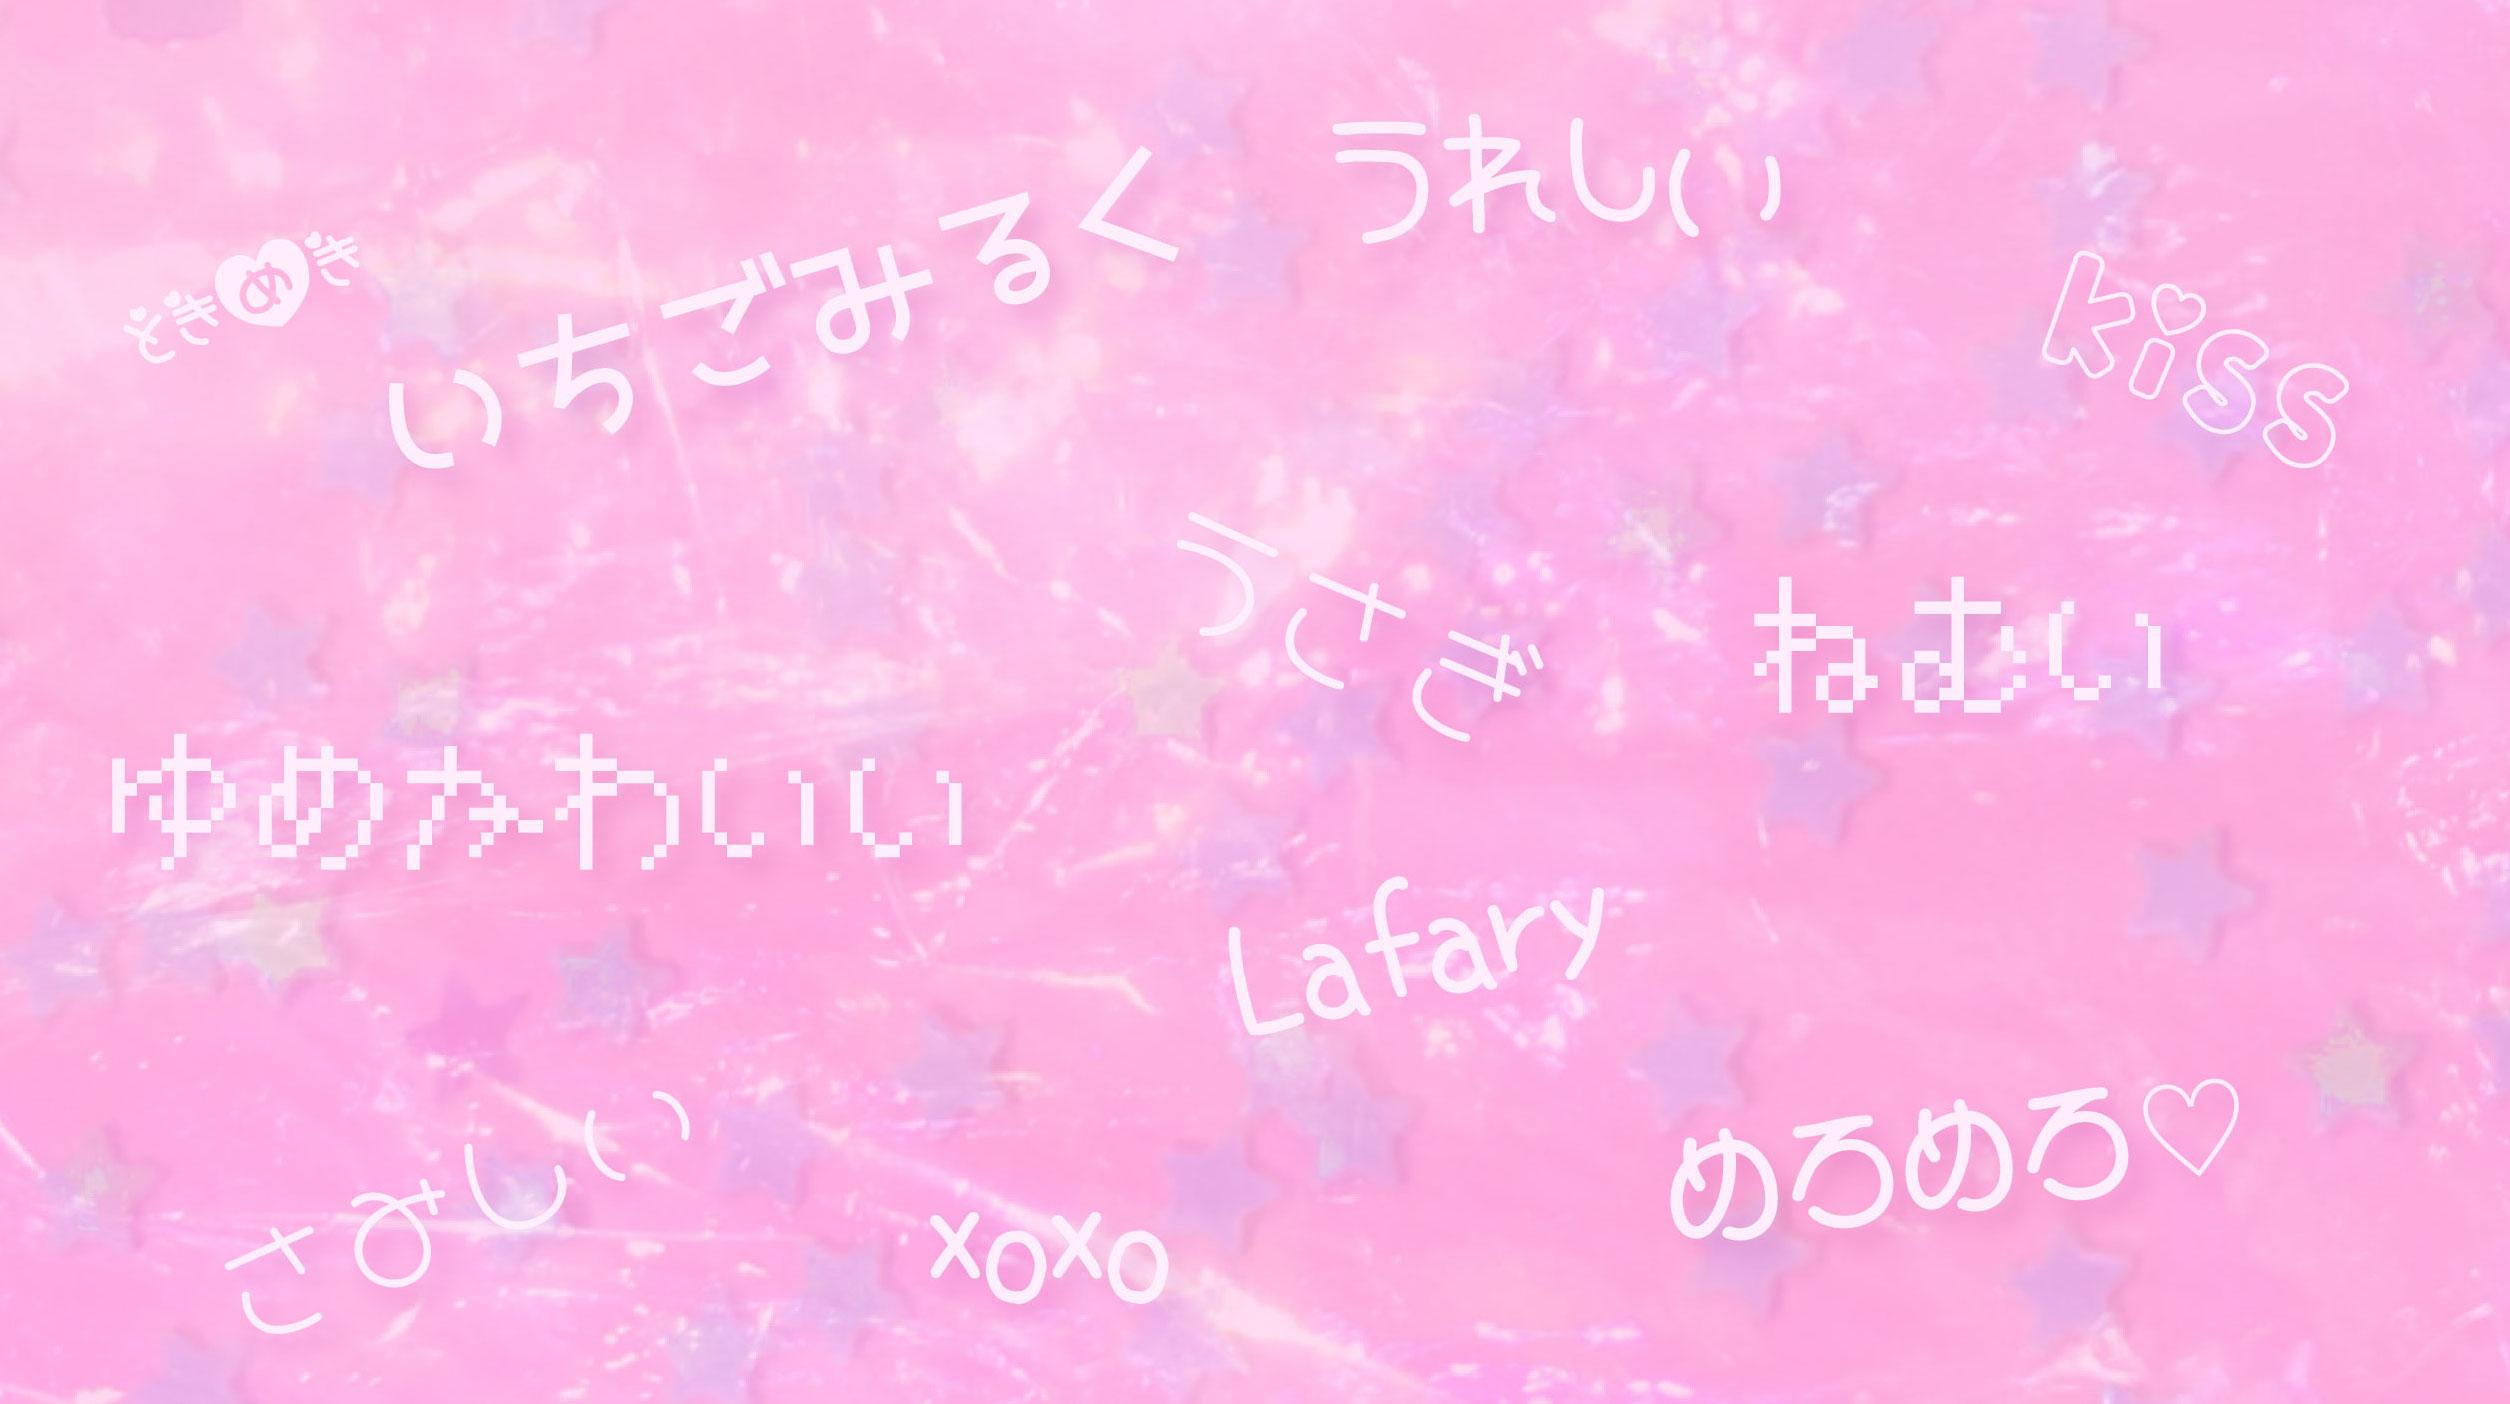 可愛いフォント11種類💌こんなに可愛いのに無料・商用ok!? - lafary